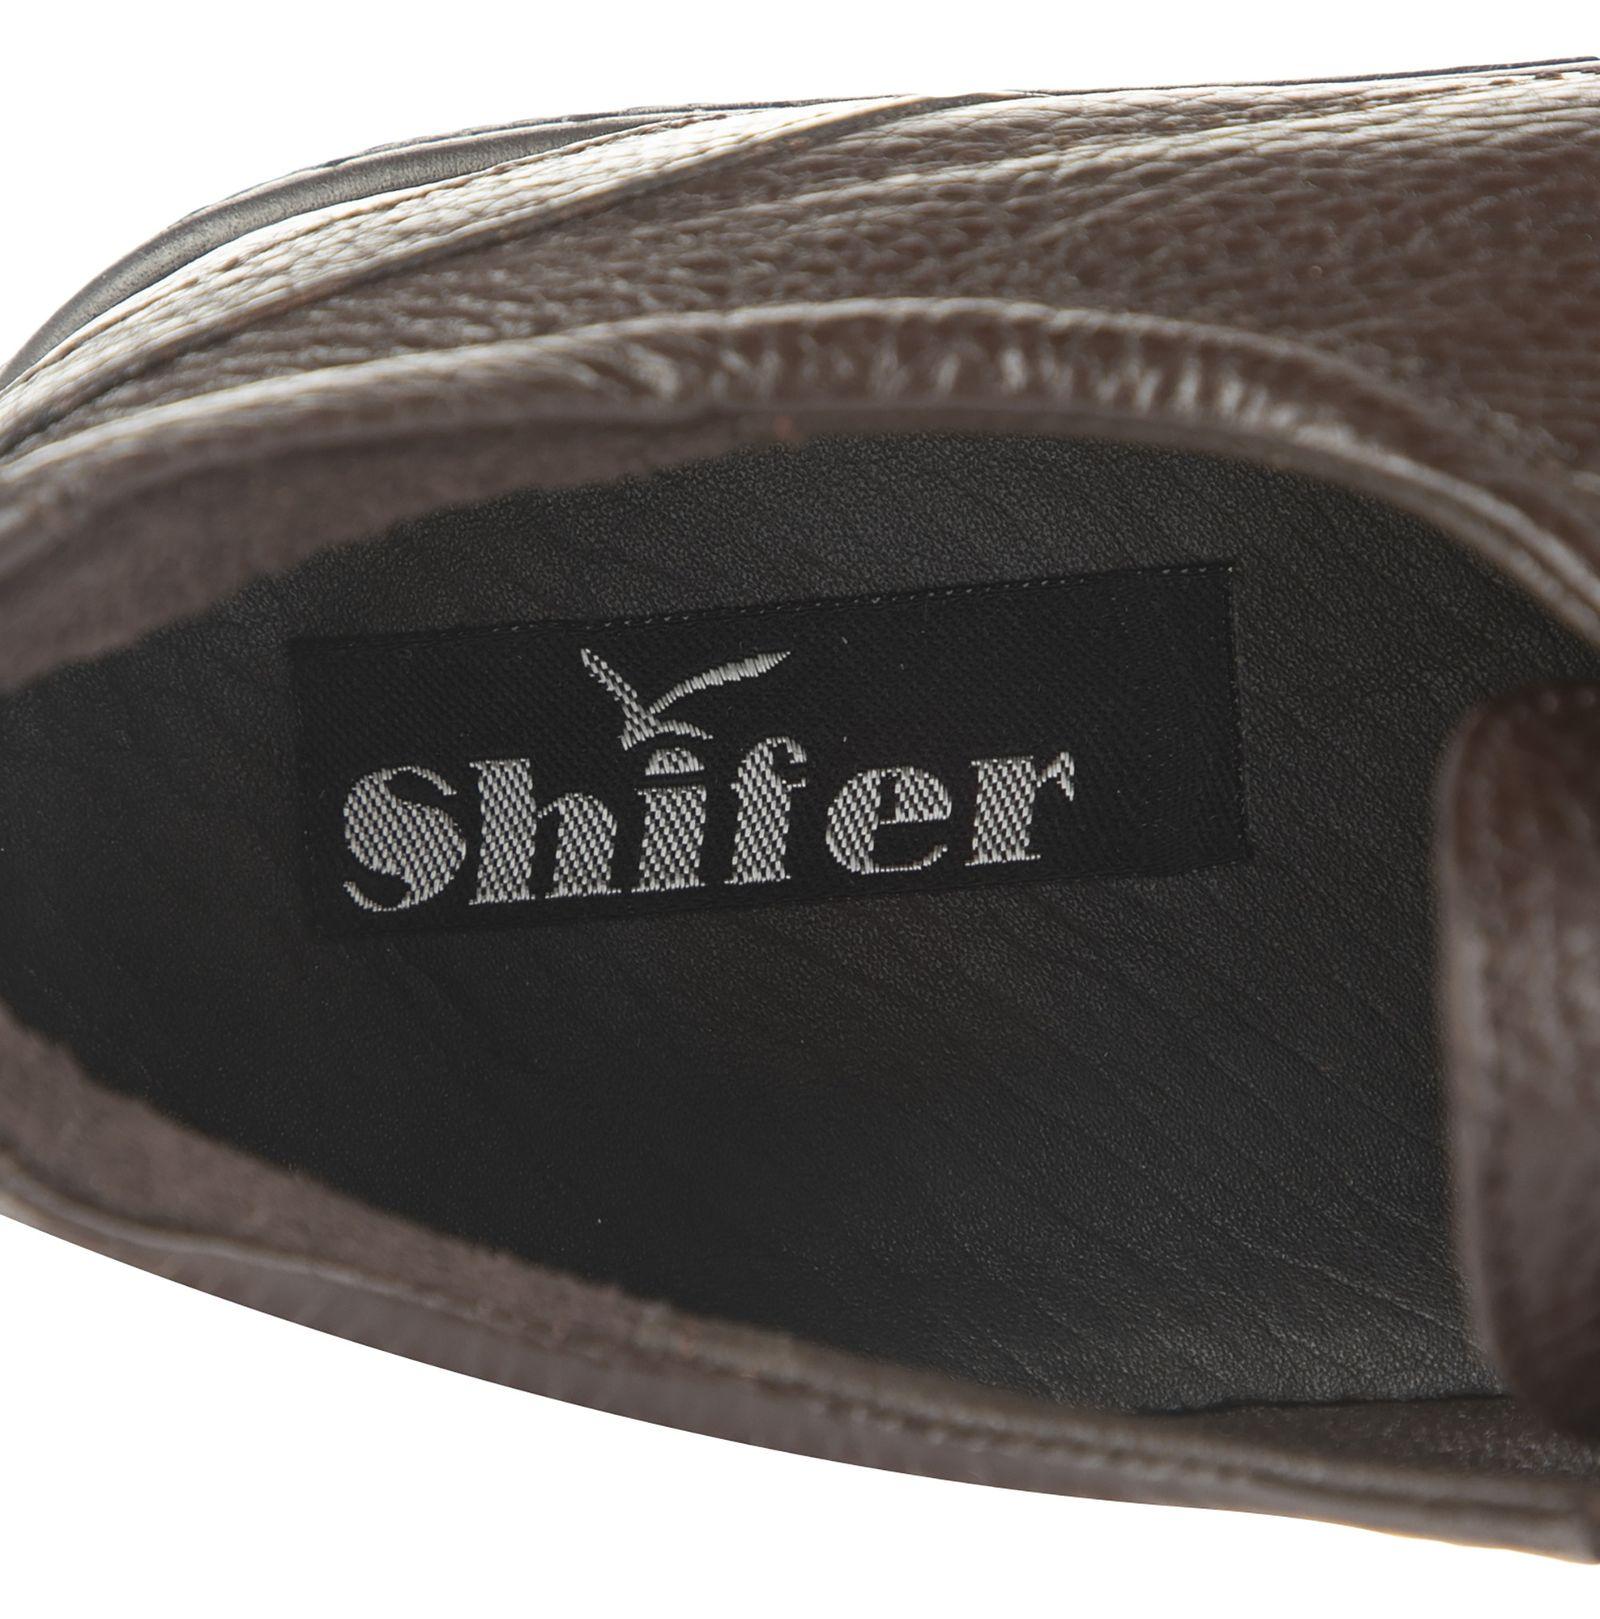 کفش روزمره مردانه شیفر مدل 7216B-104 -  - 9